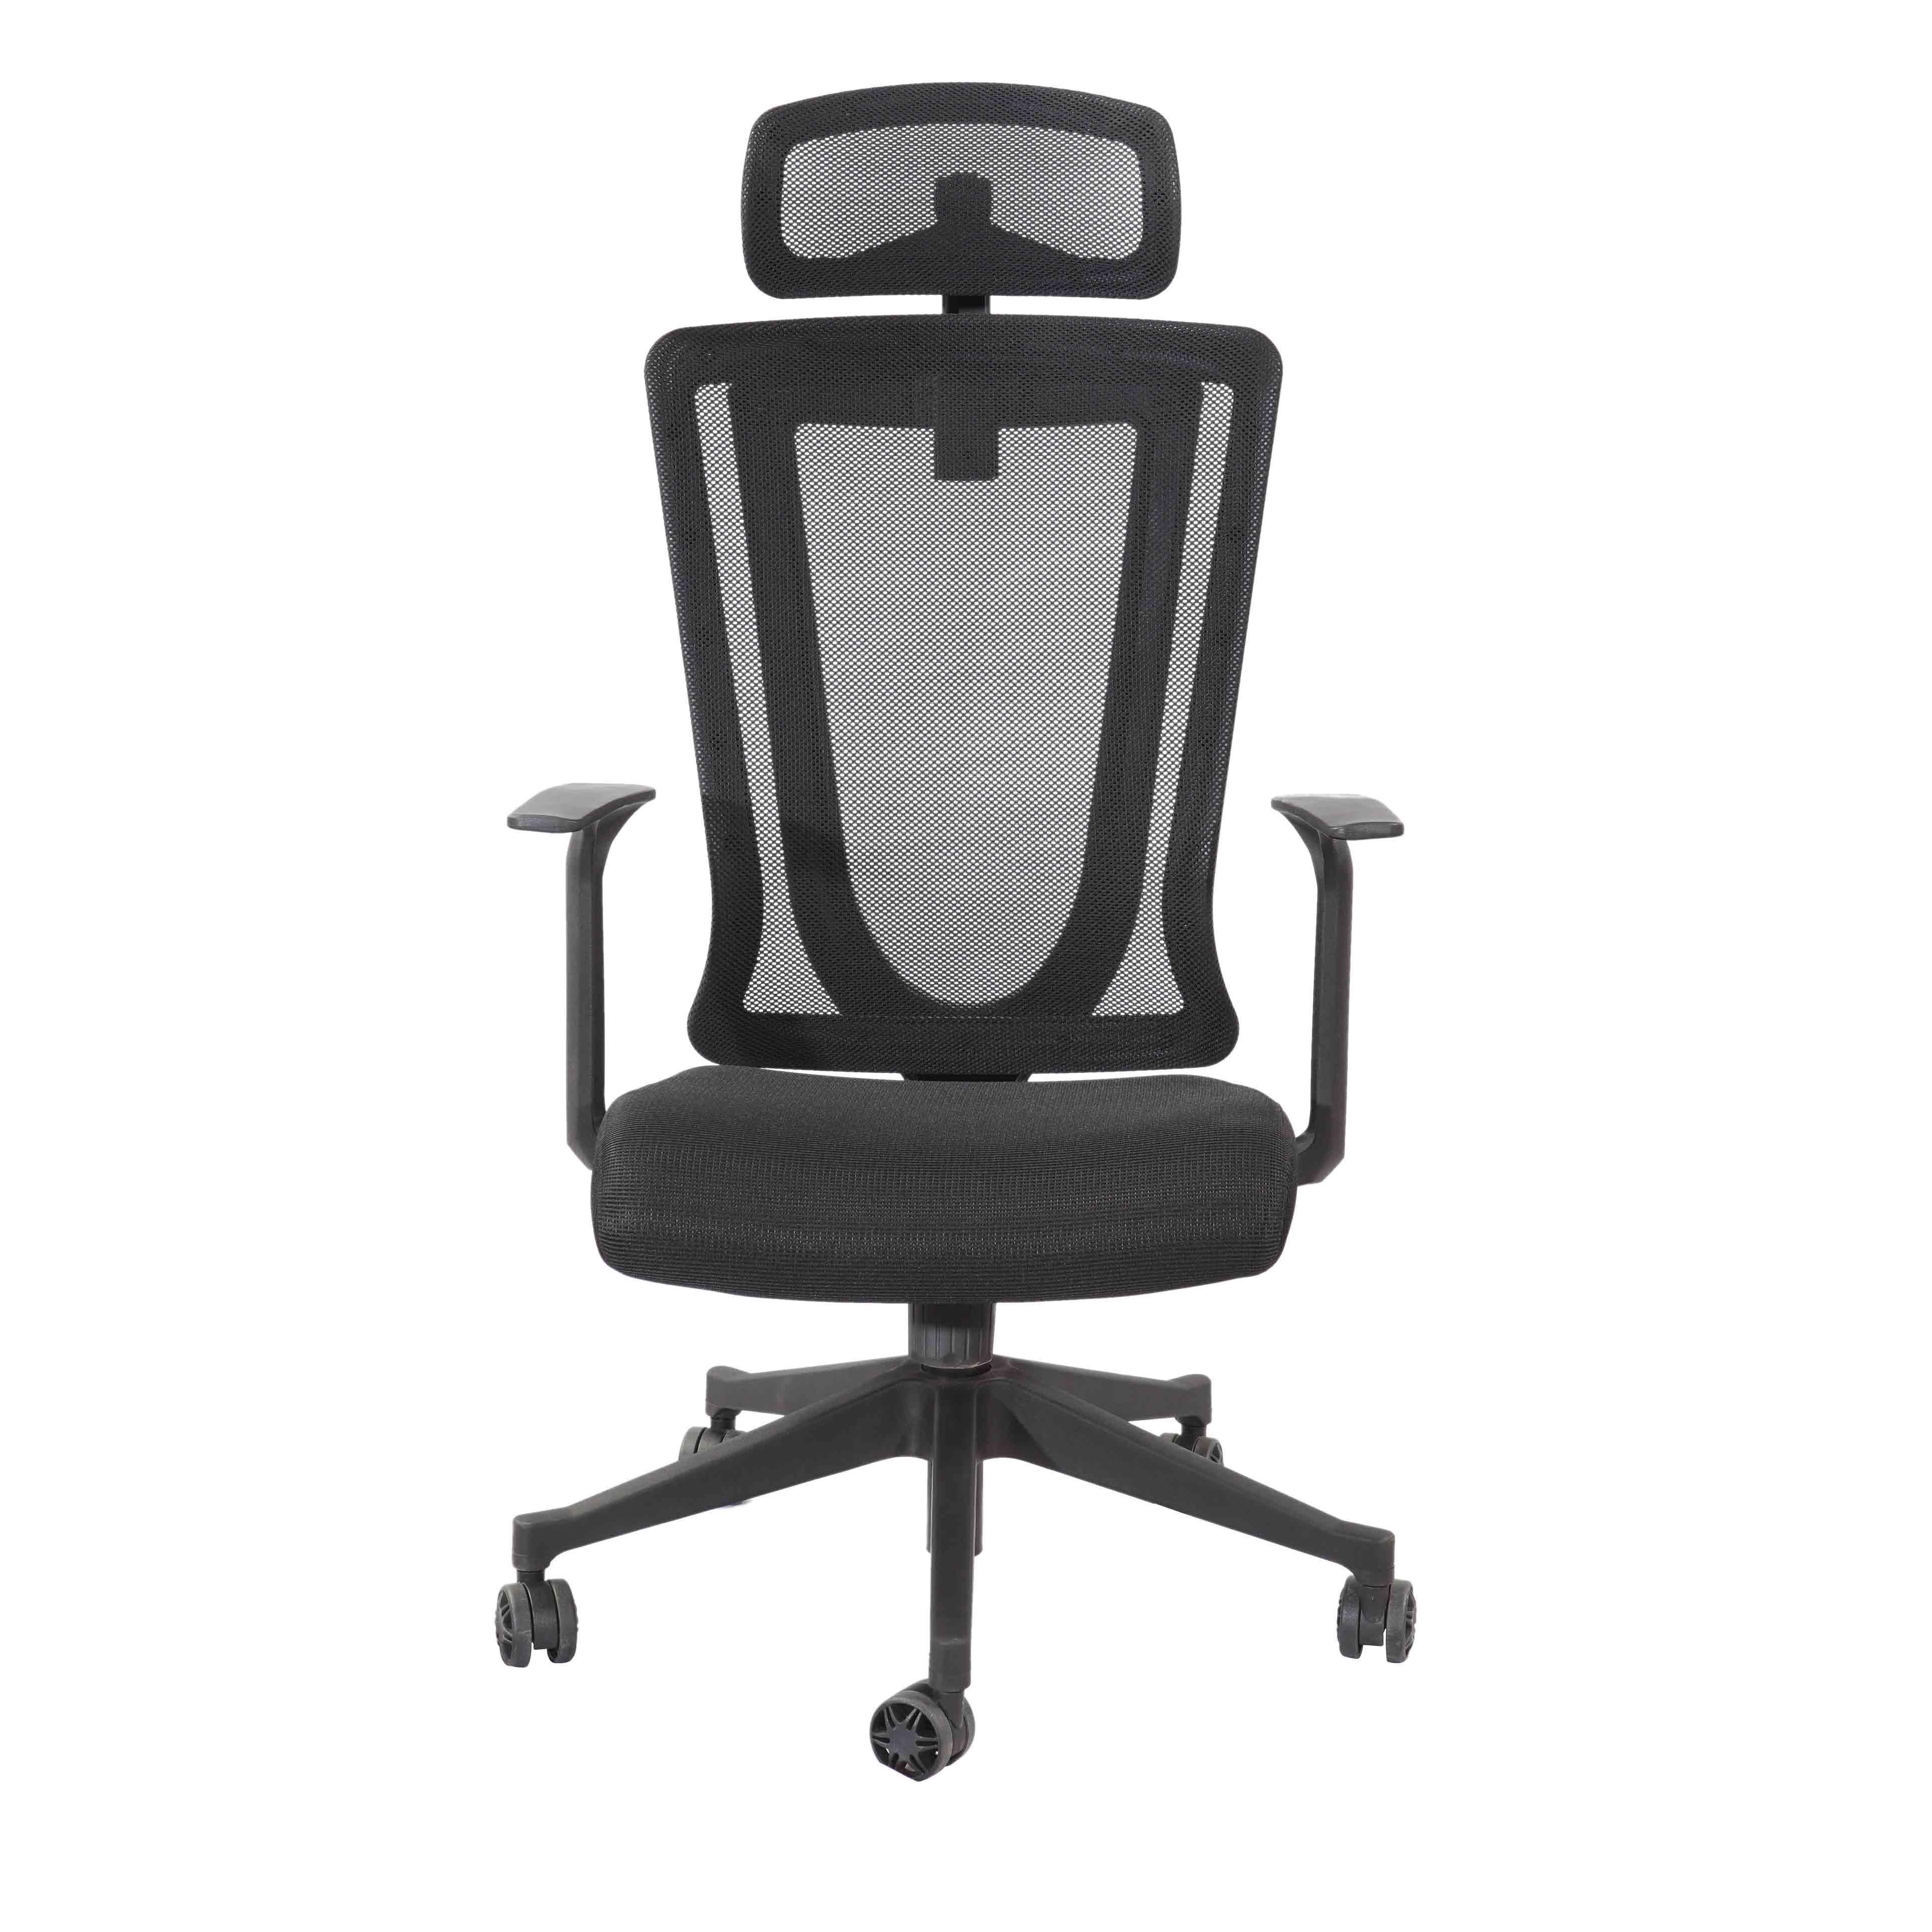 座椅系列网布椅Y-B150110